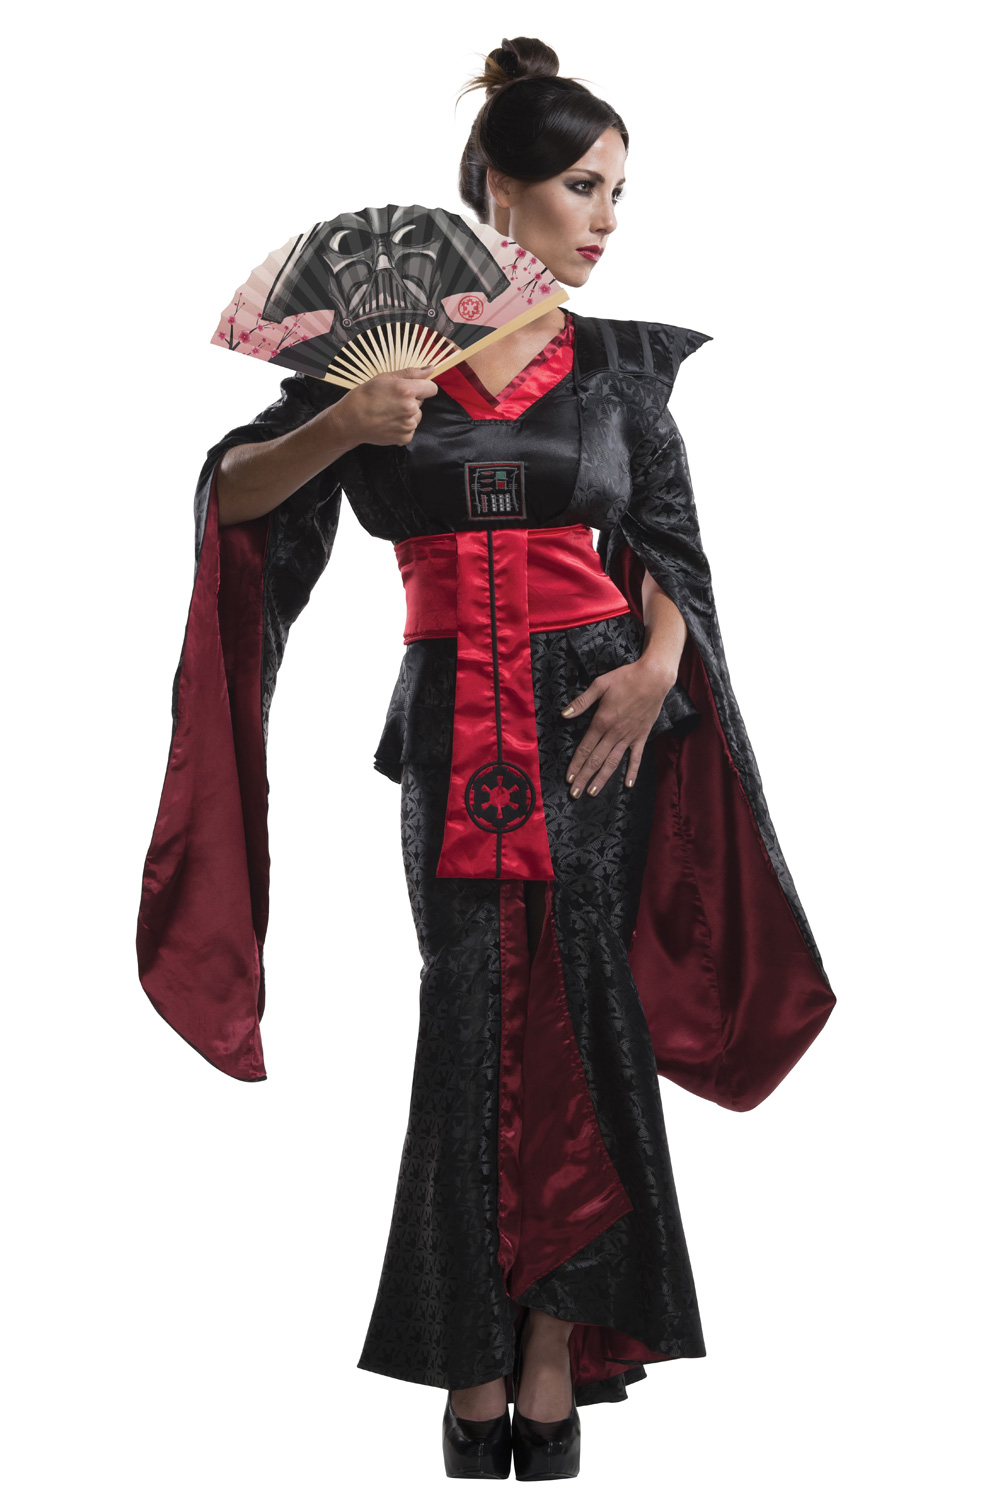 d80b717025038 Darth Vader Samurai Female Adult Costume - PureCostumes.com